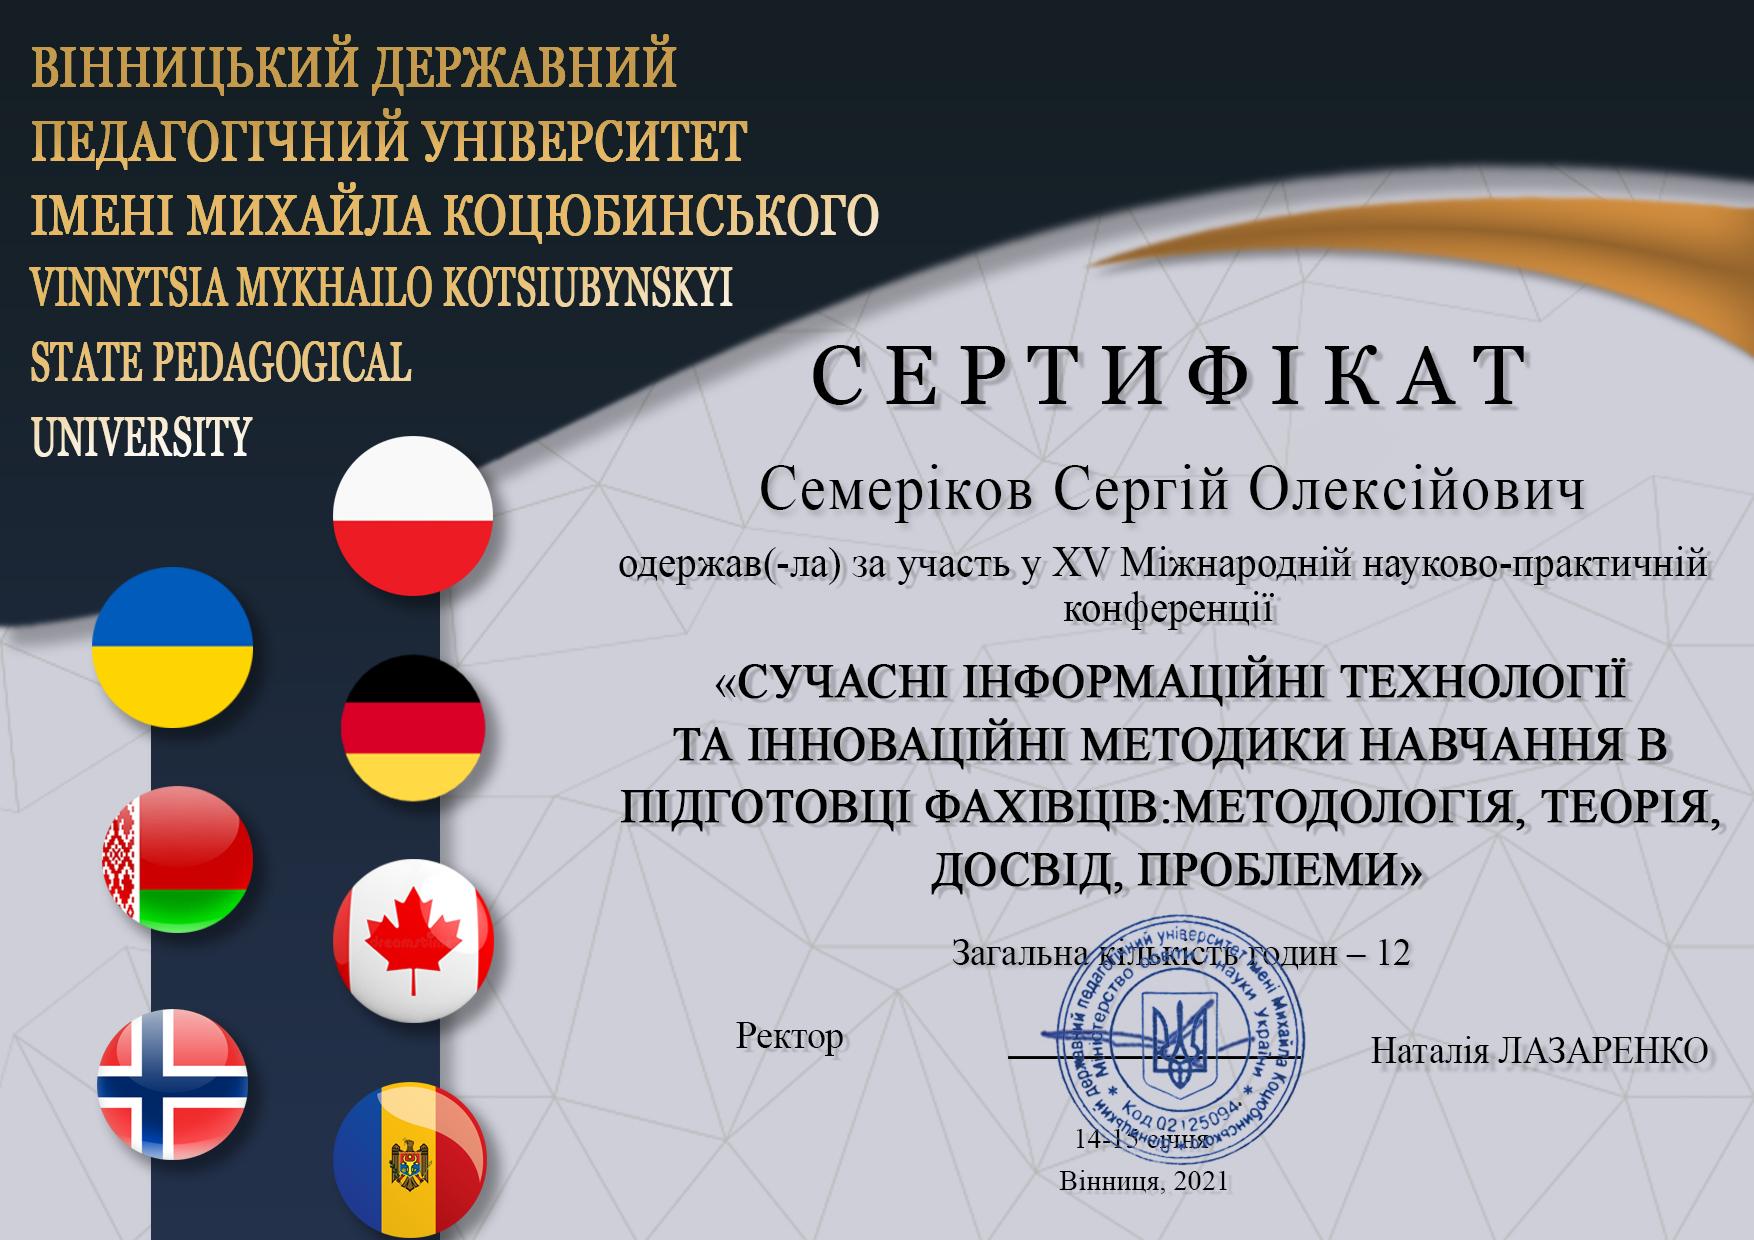 Семеріков Сергій Олексійович